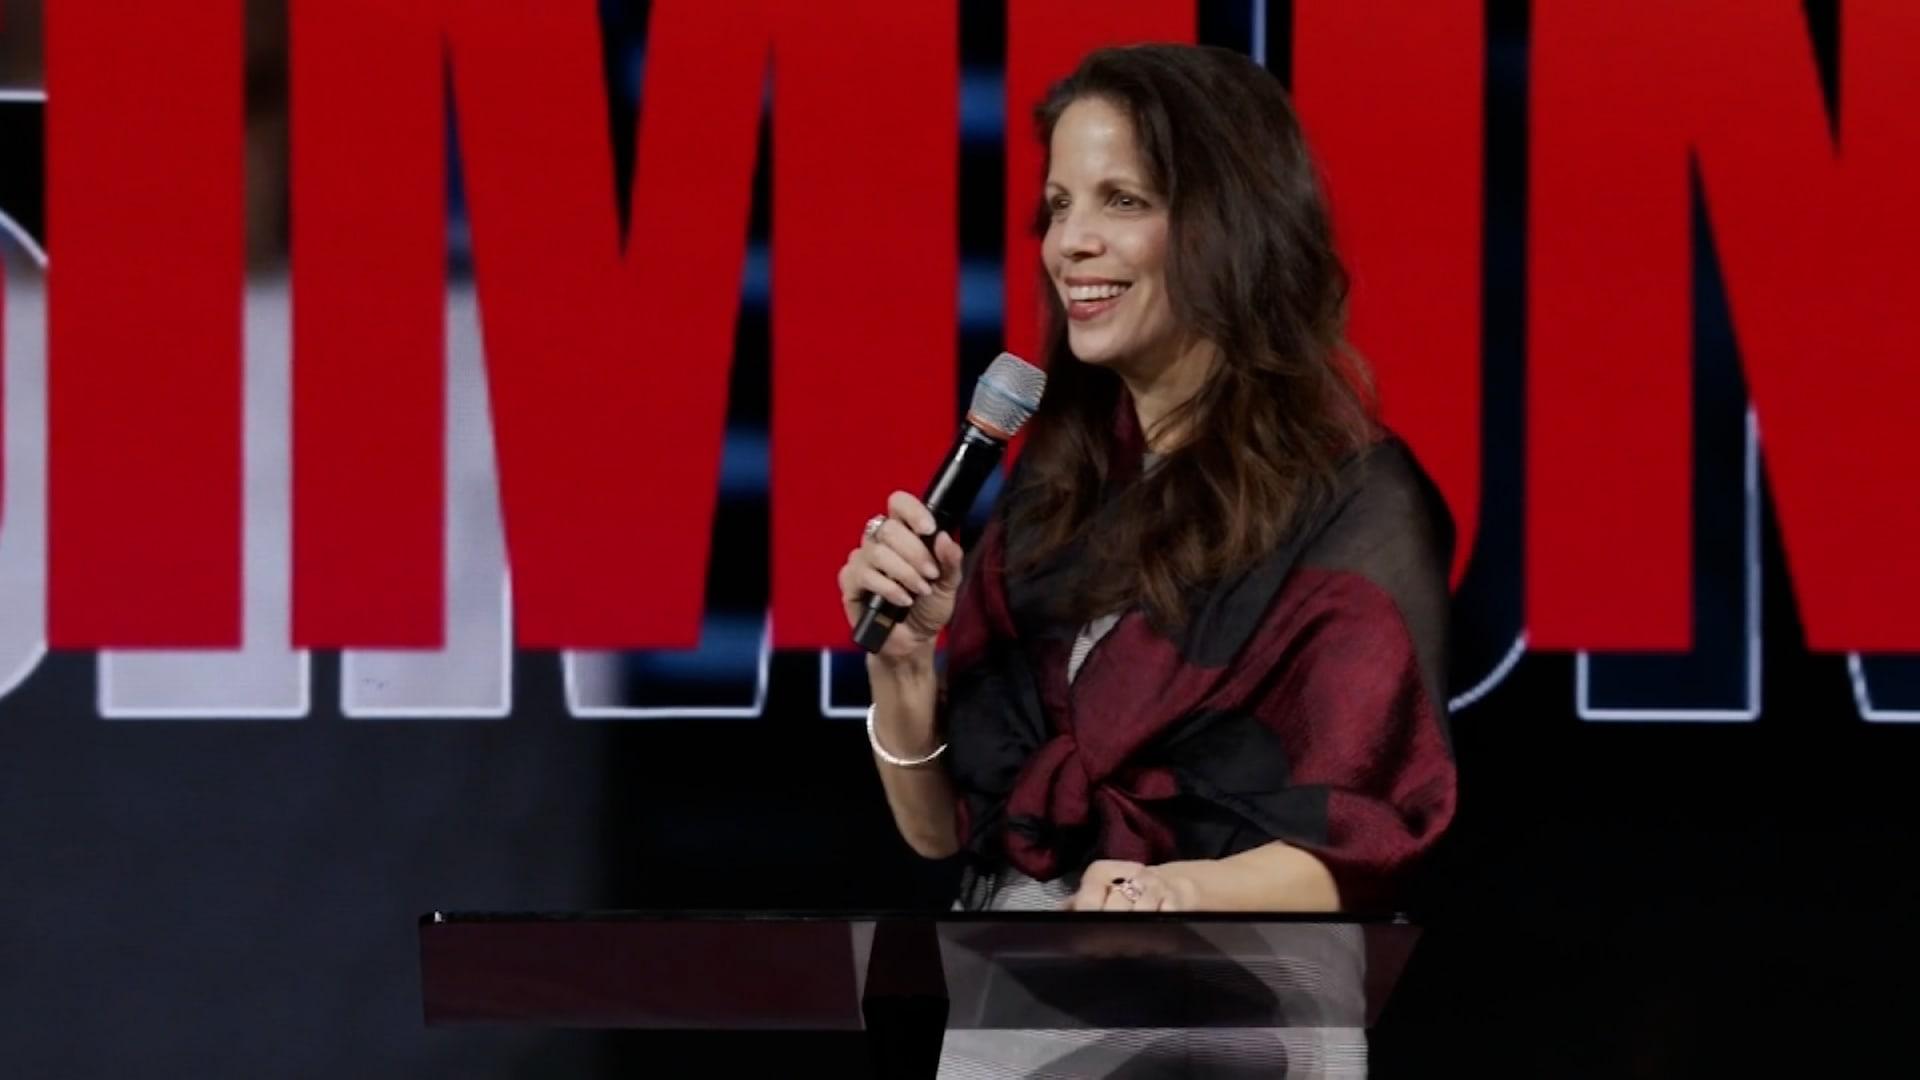 مراسل CNN يتعقب طبيبة أمريكية تنشر أكاذيب خطيرة عن فيروس كورونا